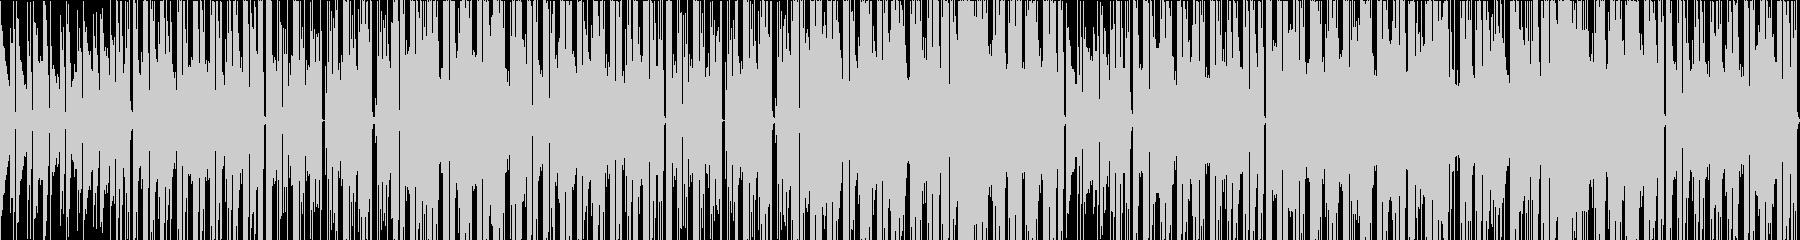 エレピ、切ない系シティーポップの未再生の波形